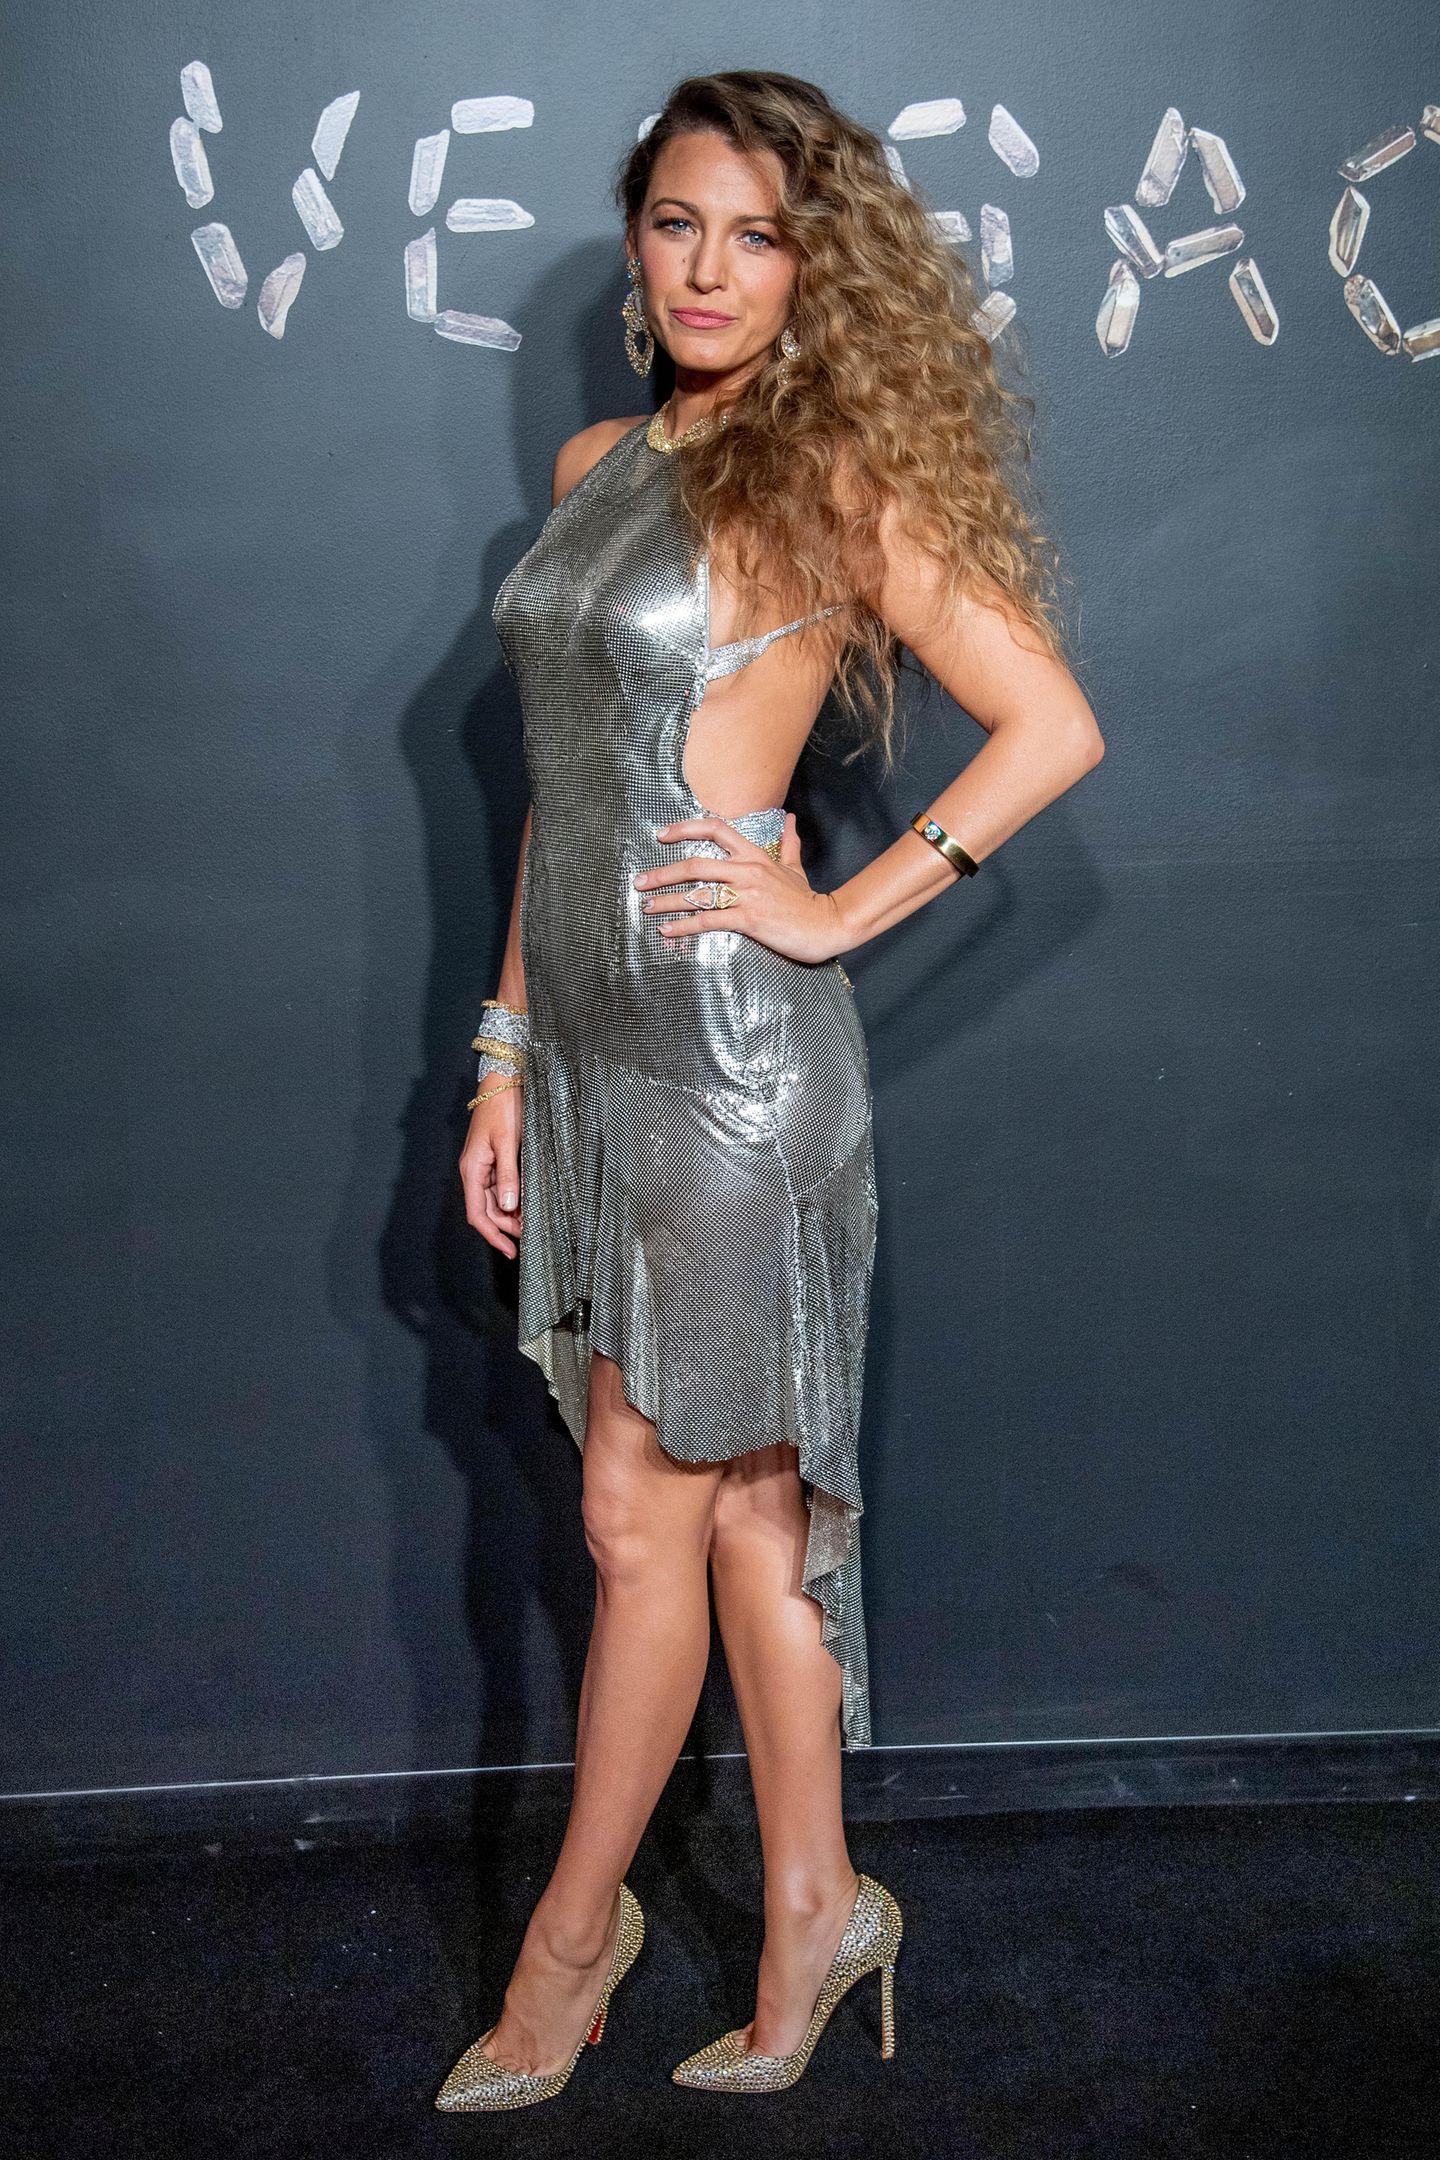 Heiß, heißer, Blake Lively: Die charismatische Schauspielerin hat sich für ihren Besuch der Versace-Herbstshow in New York dieses sexy Silberkleid ausgesucht.